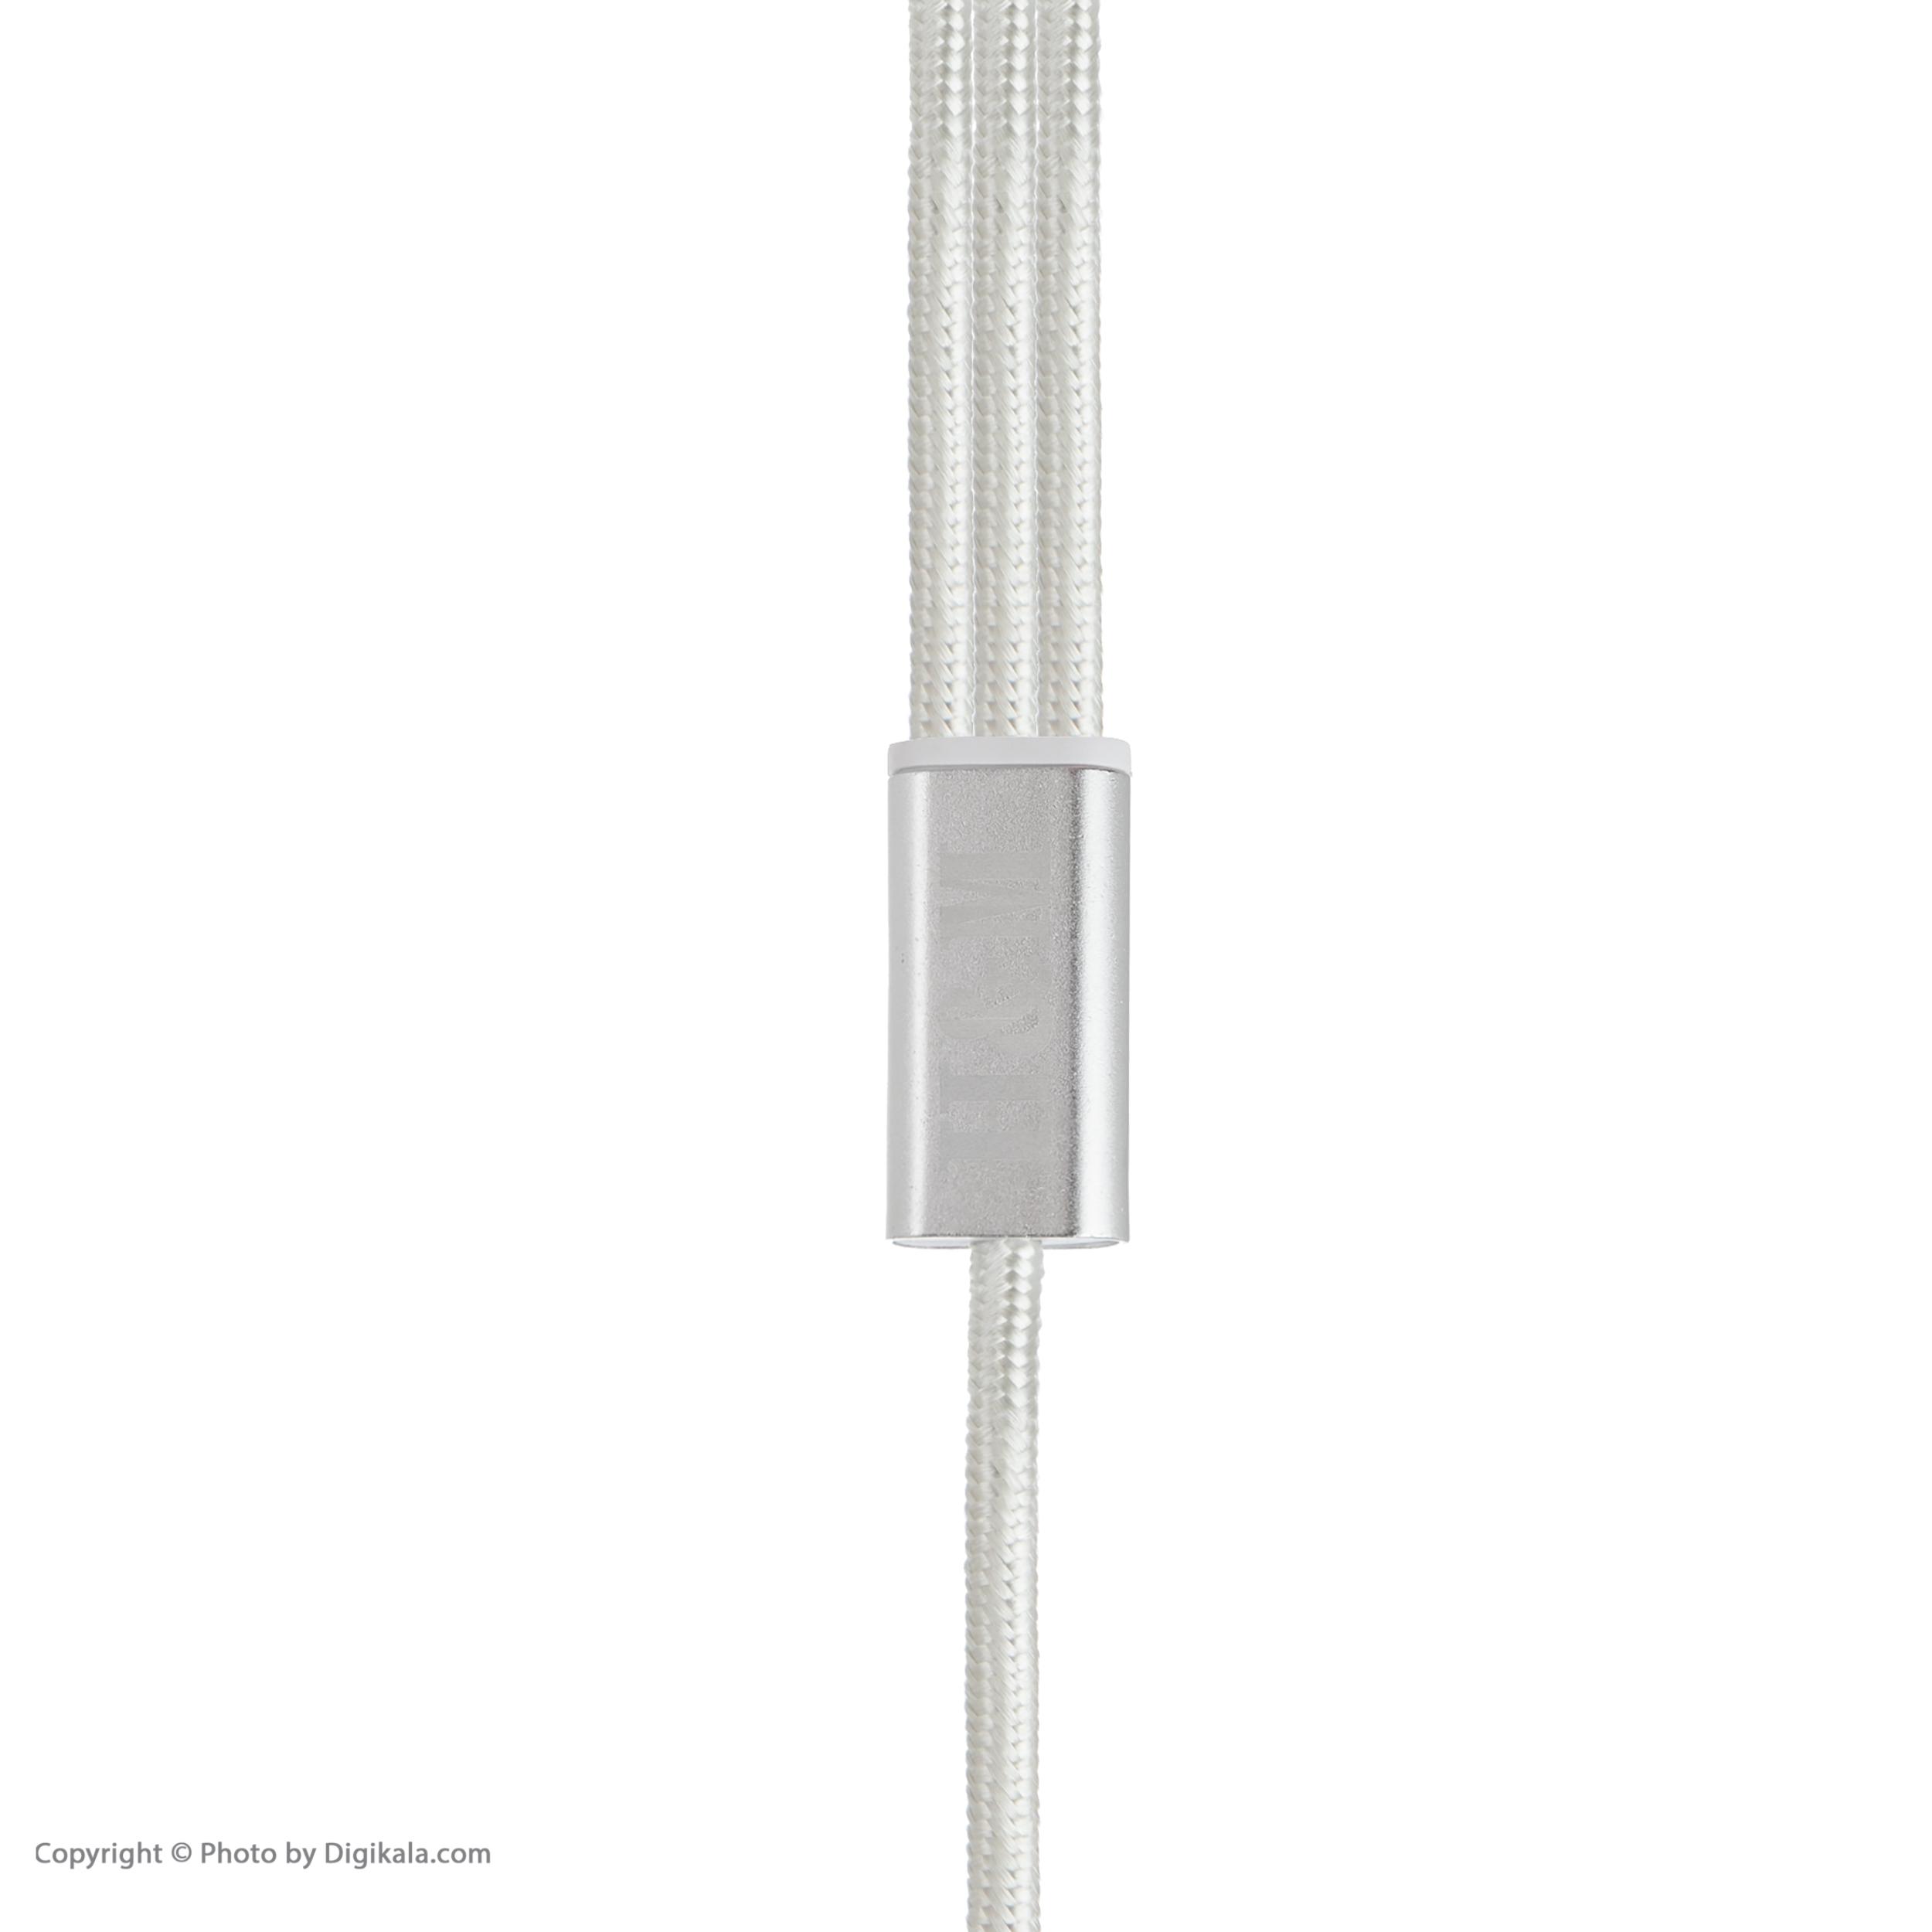 کابل تبدیل USB به لایتنینگ/USB-C/microUSB اچ اند ام مدل C08 طول 1.2 متر